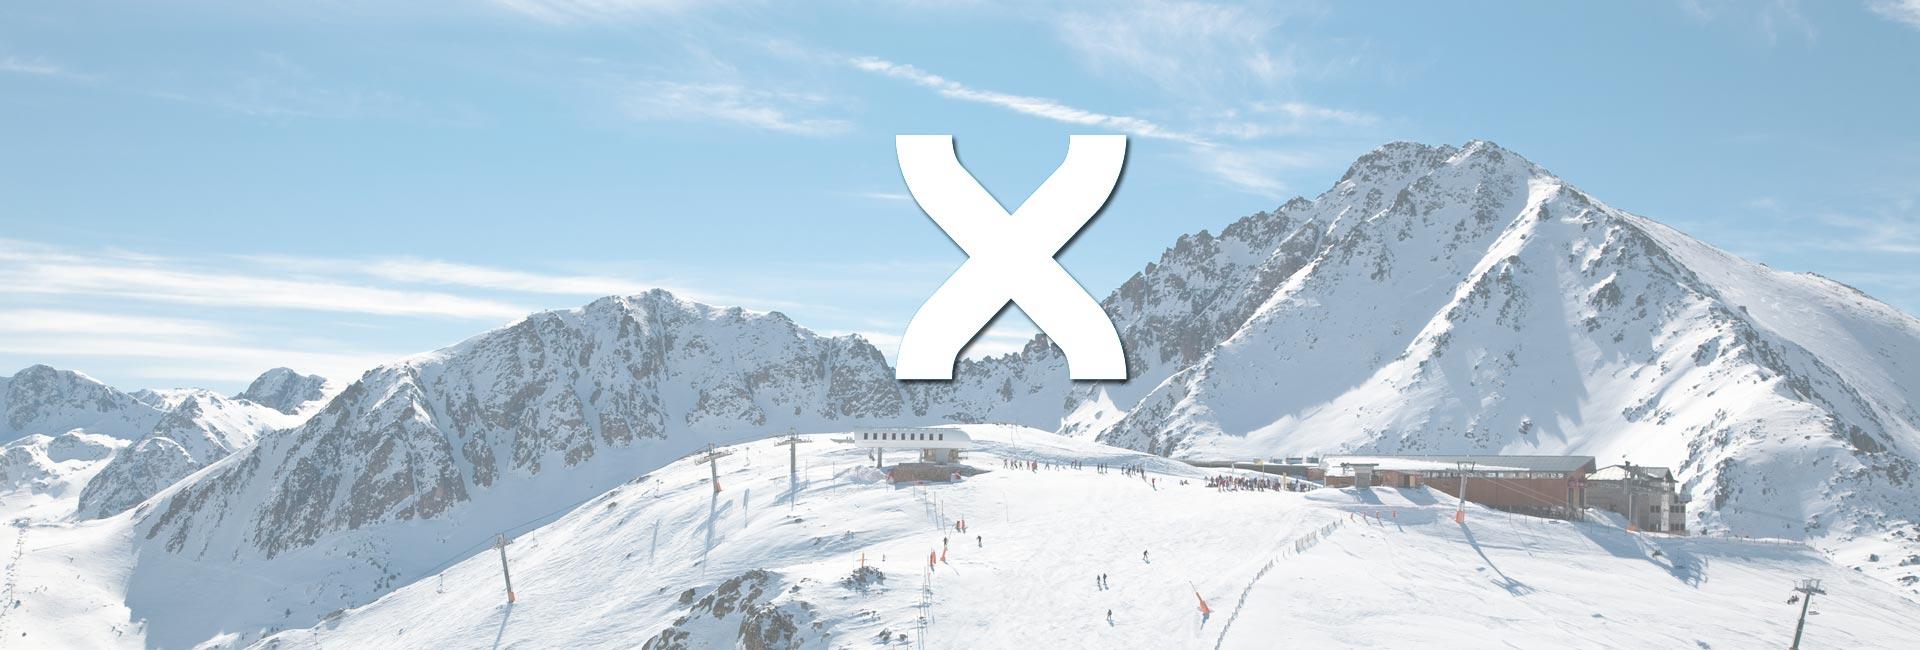 Ski in Grandvalira. Ski in Andorra